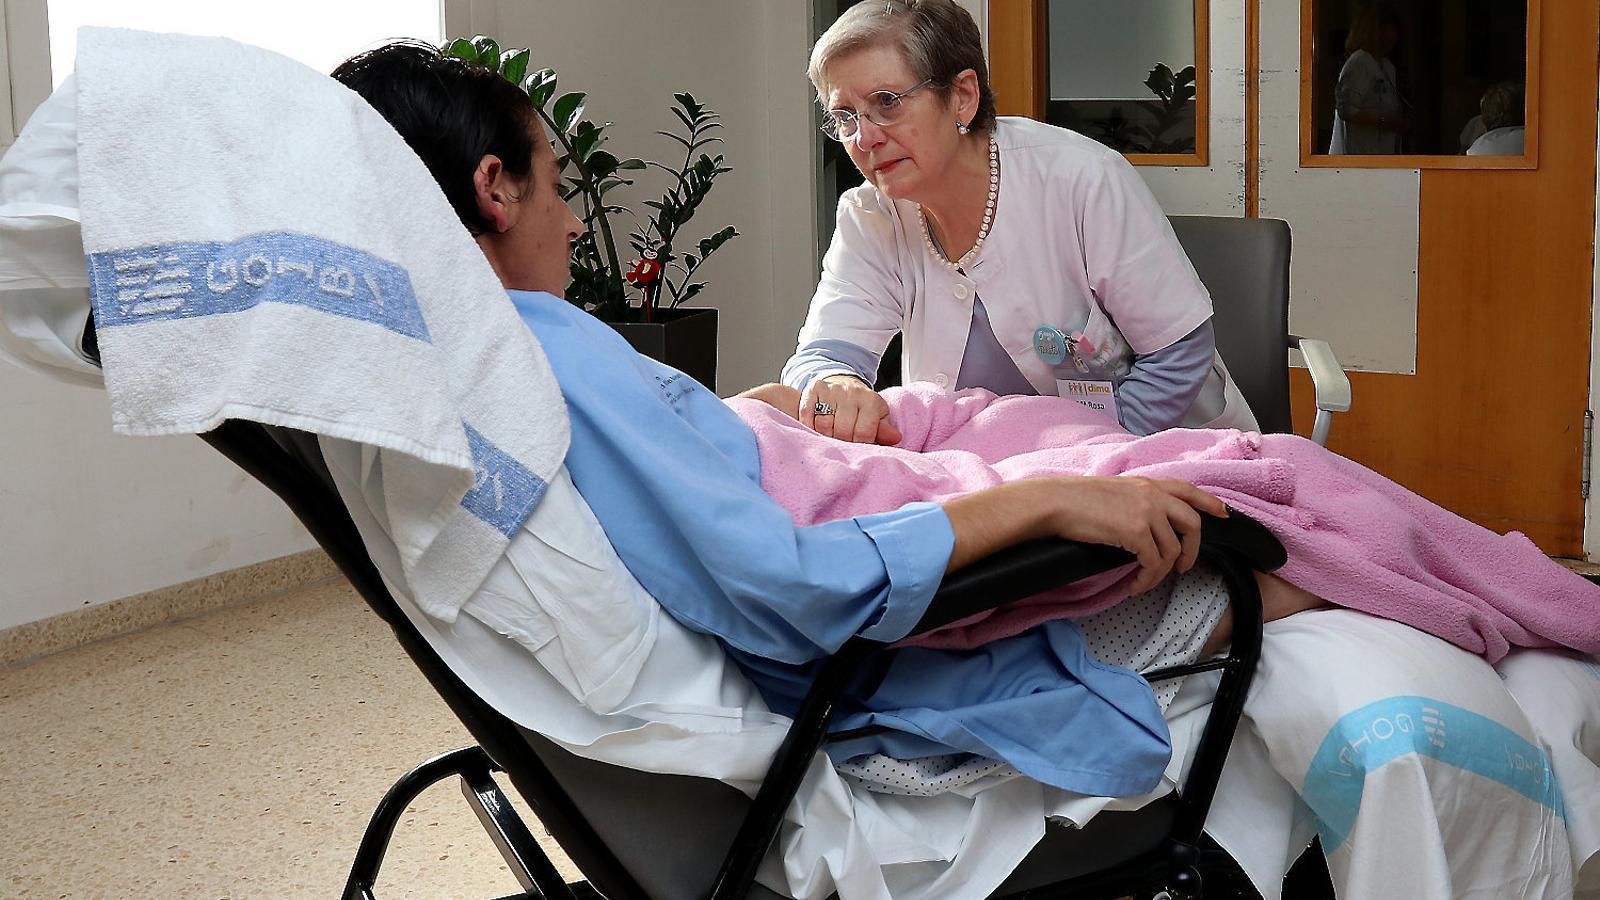 DIME és una associació formada per una cinquantena de persones que dediquen el seu temps a acompanyar pacients crònics i familiars.